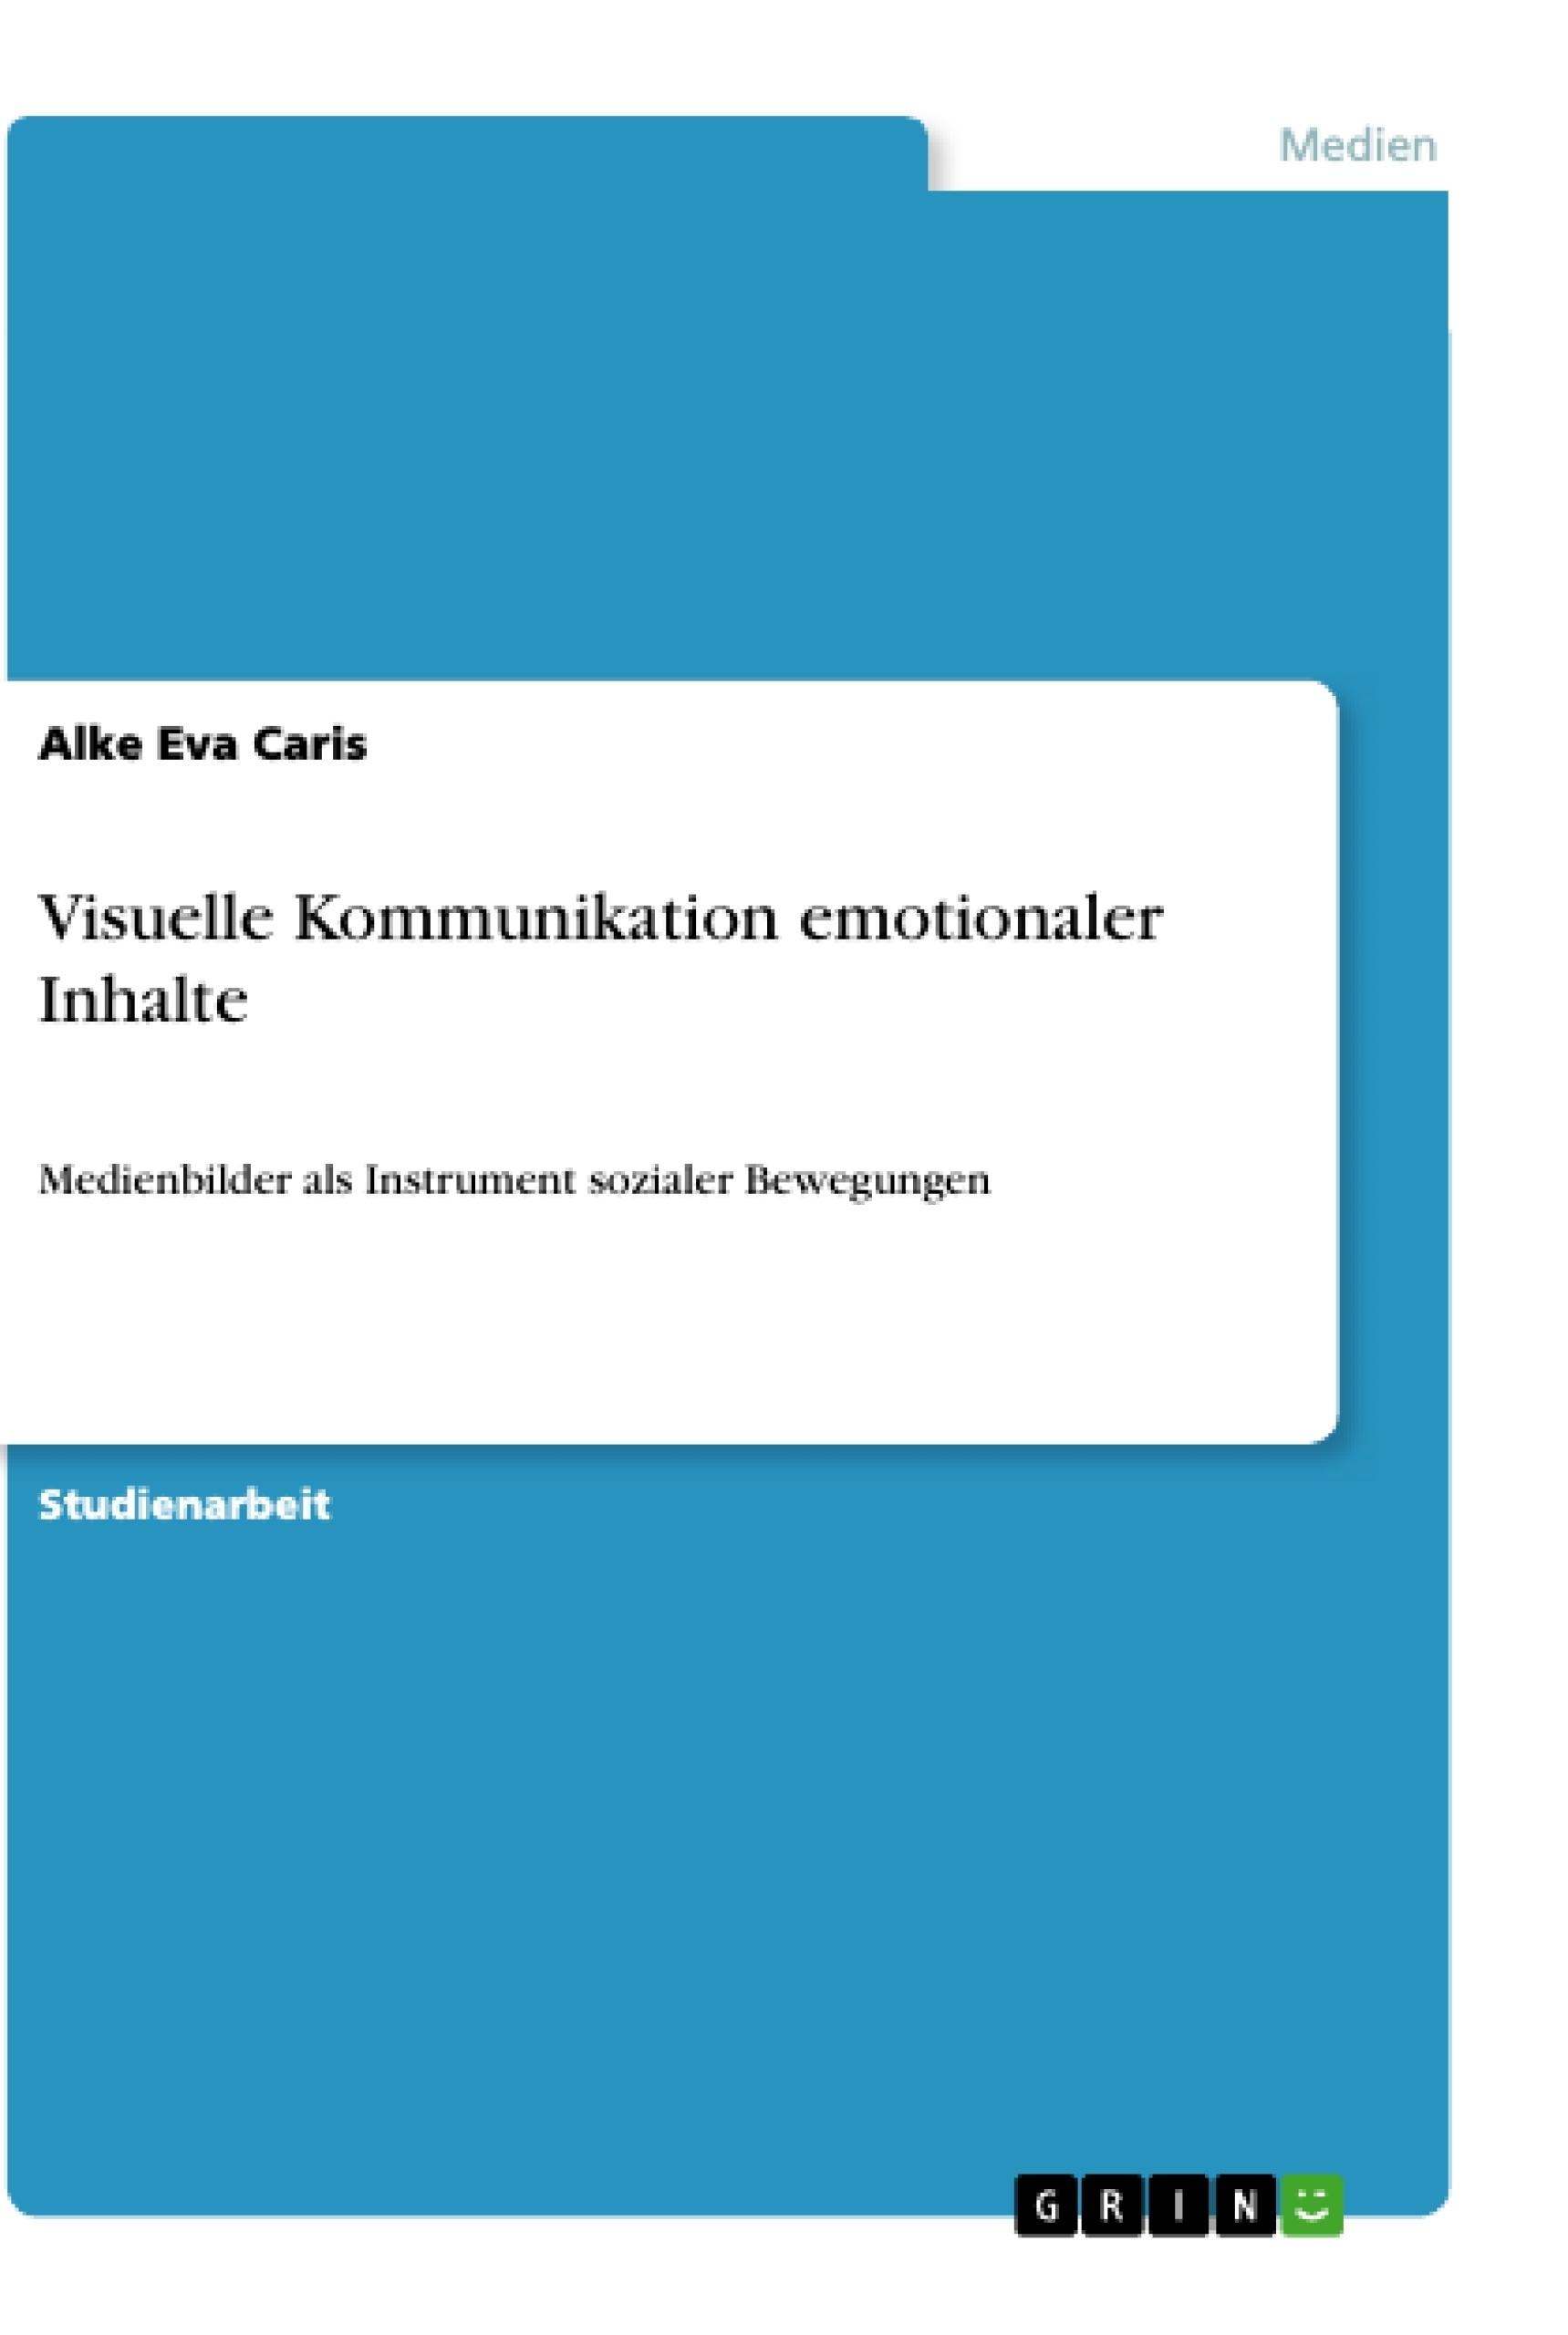 Titel: Visuelle Kommunikation emotionaler Inhalte